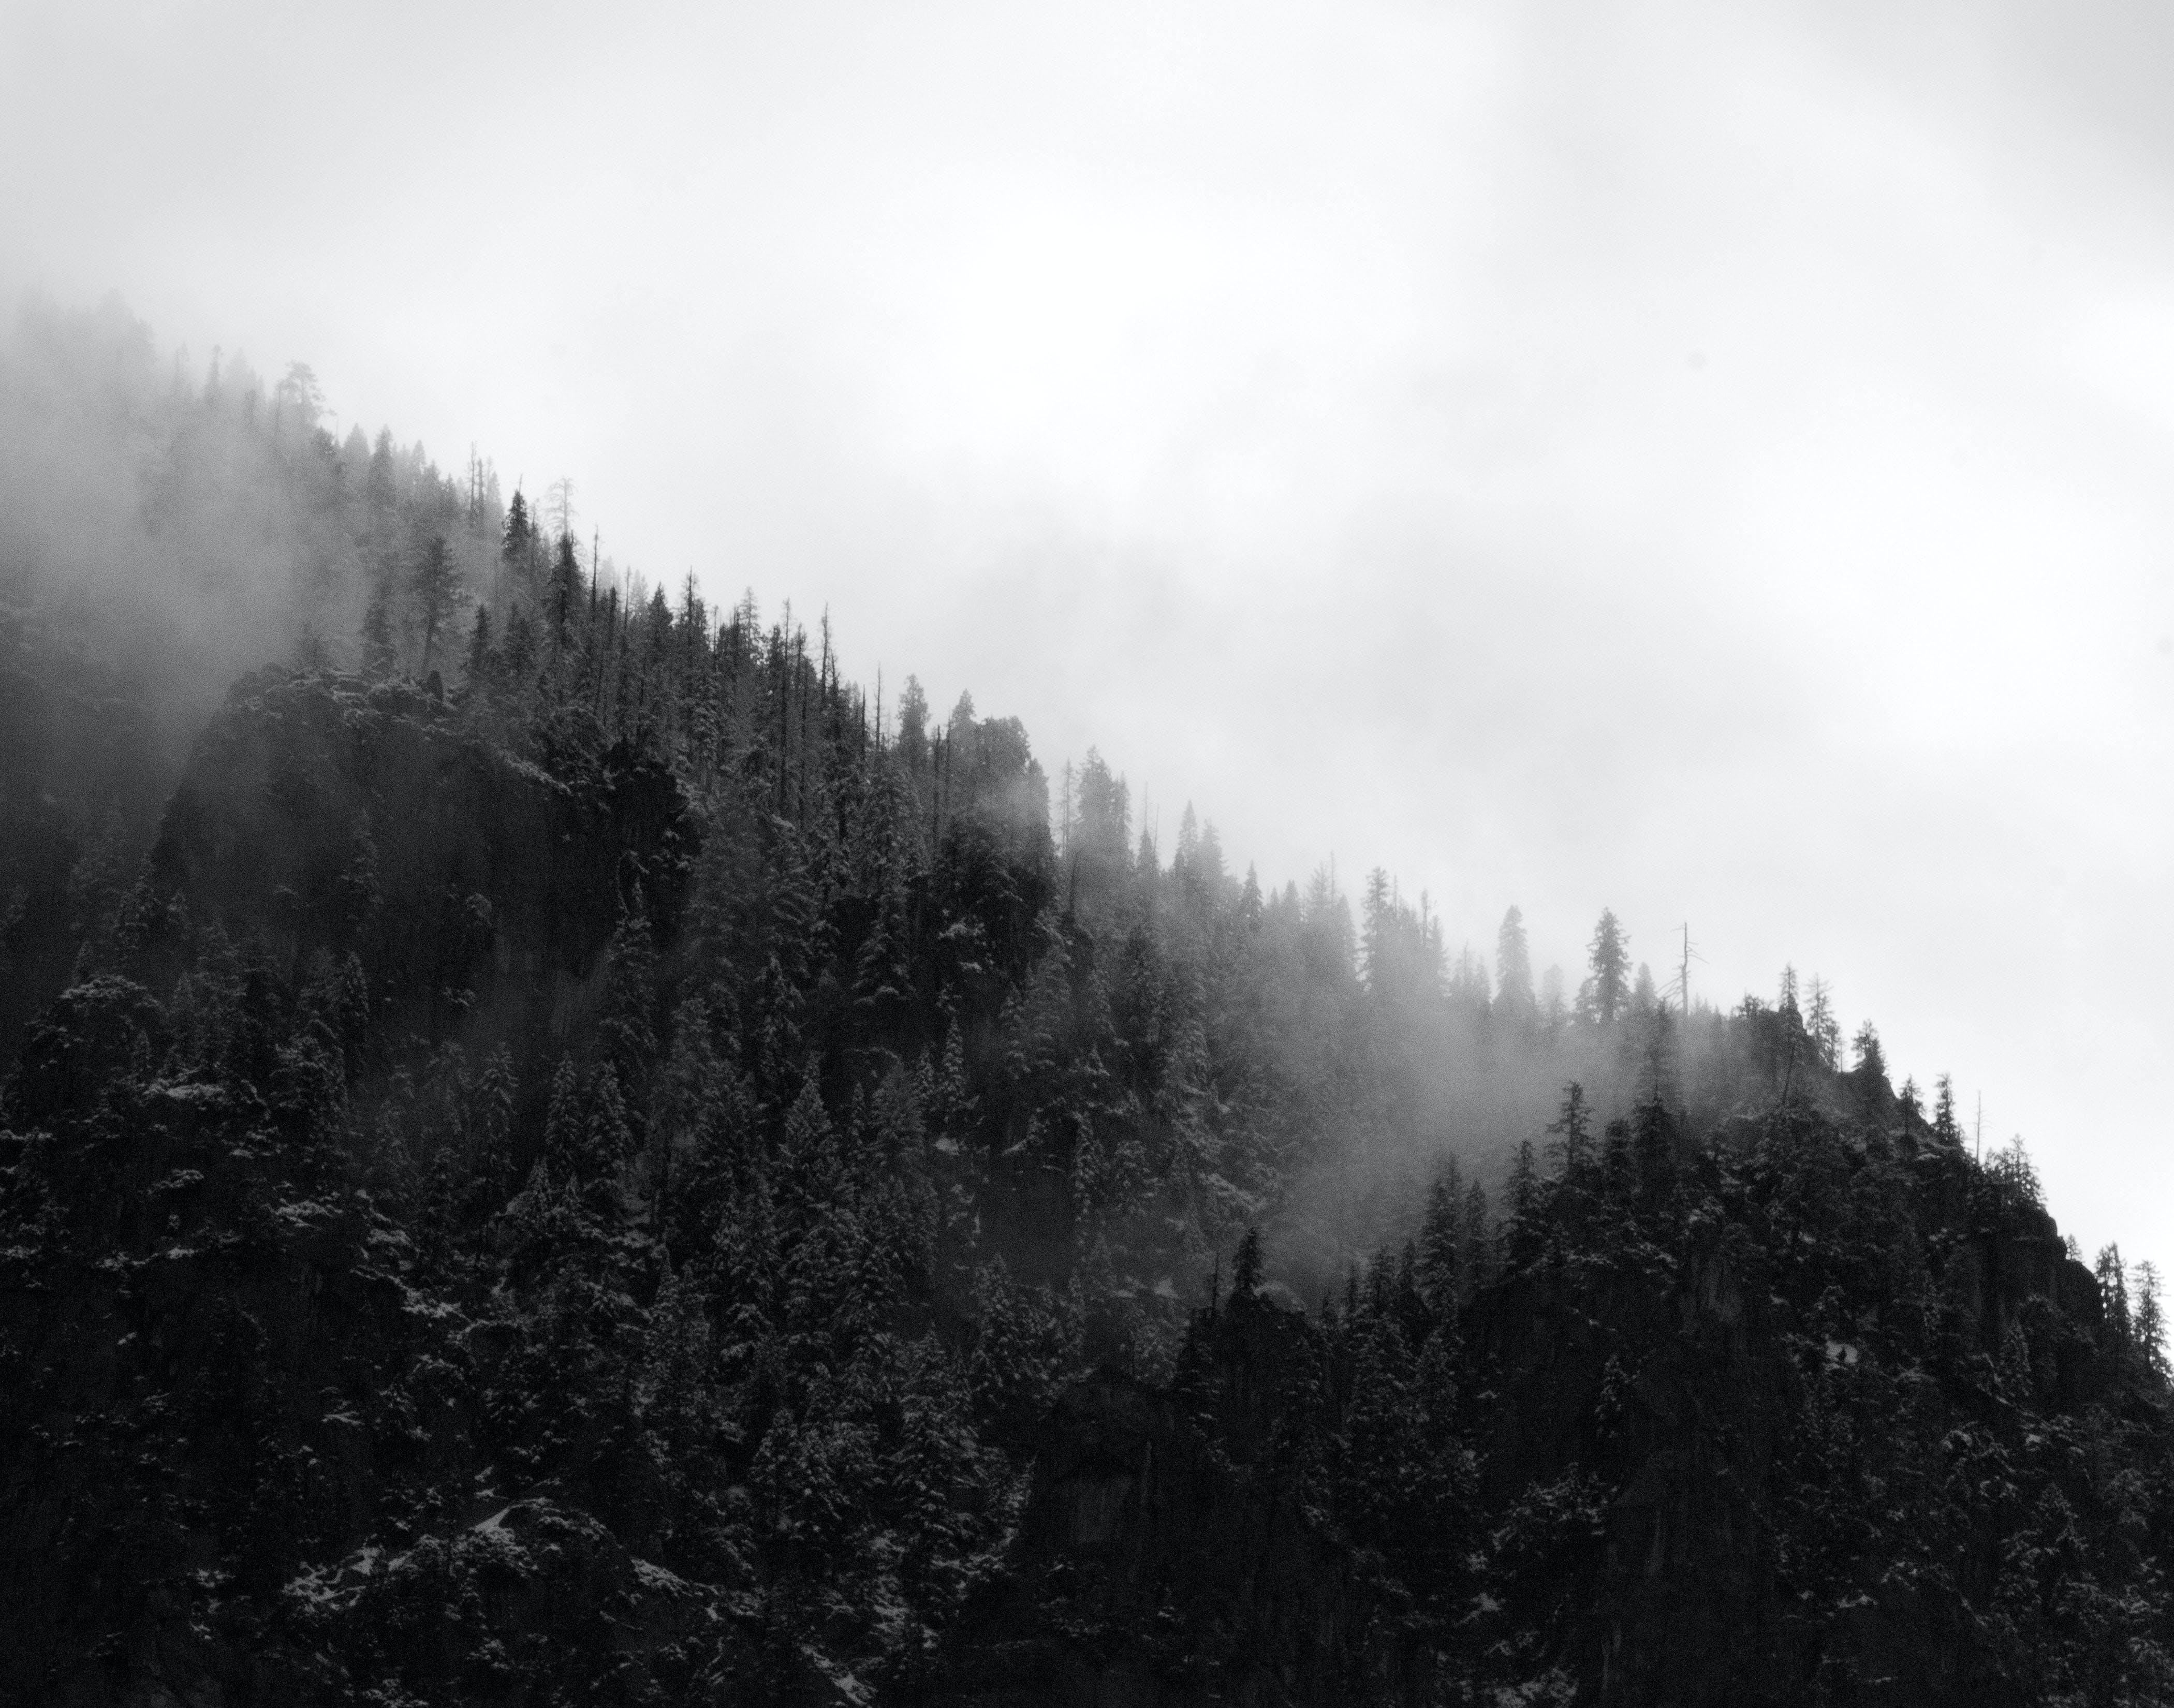 Δωρεάν στοκ φωτογραφιών με ασπρόμαυρο, αυγή, βουνό, δασικός